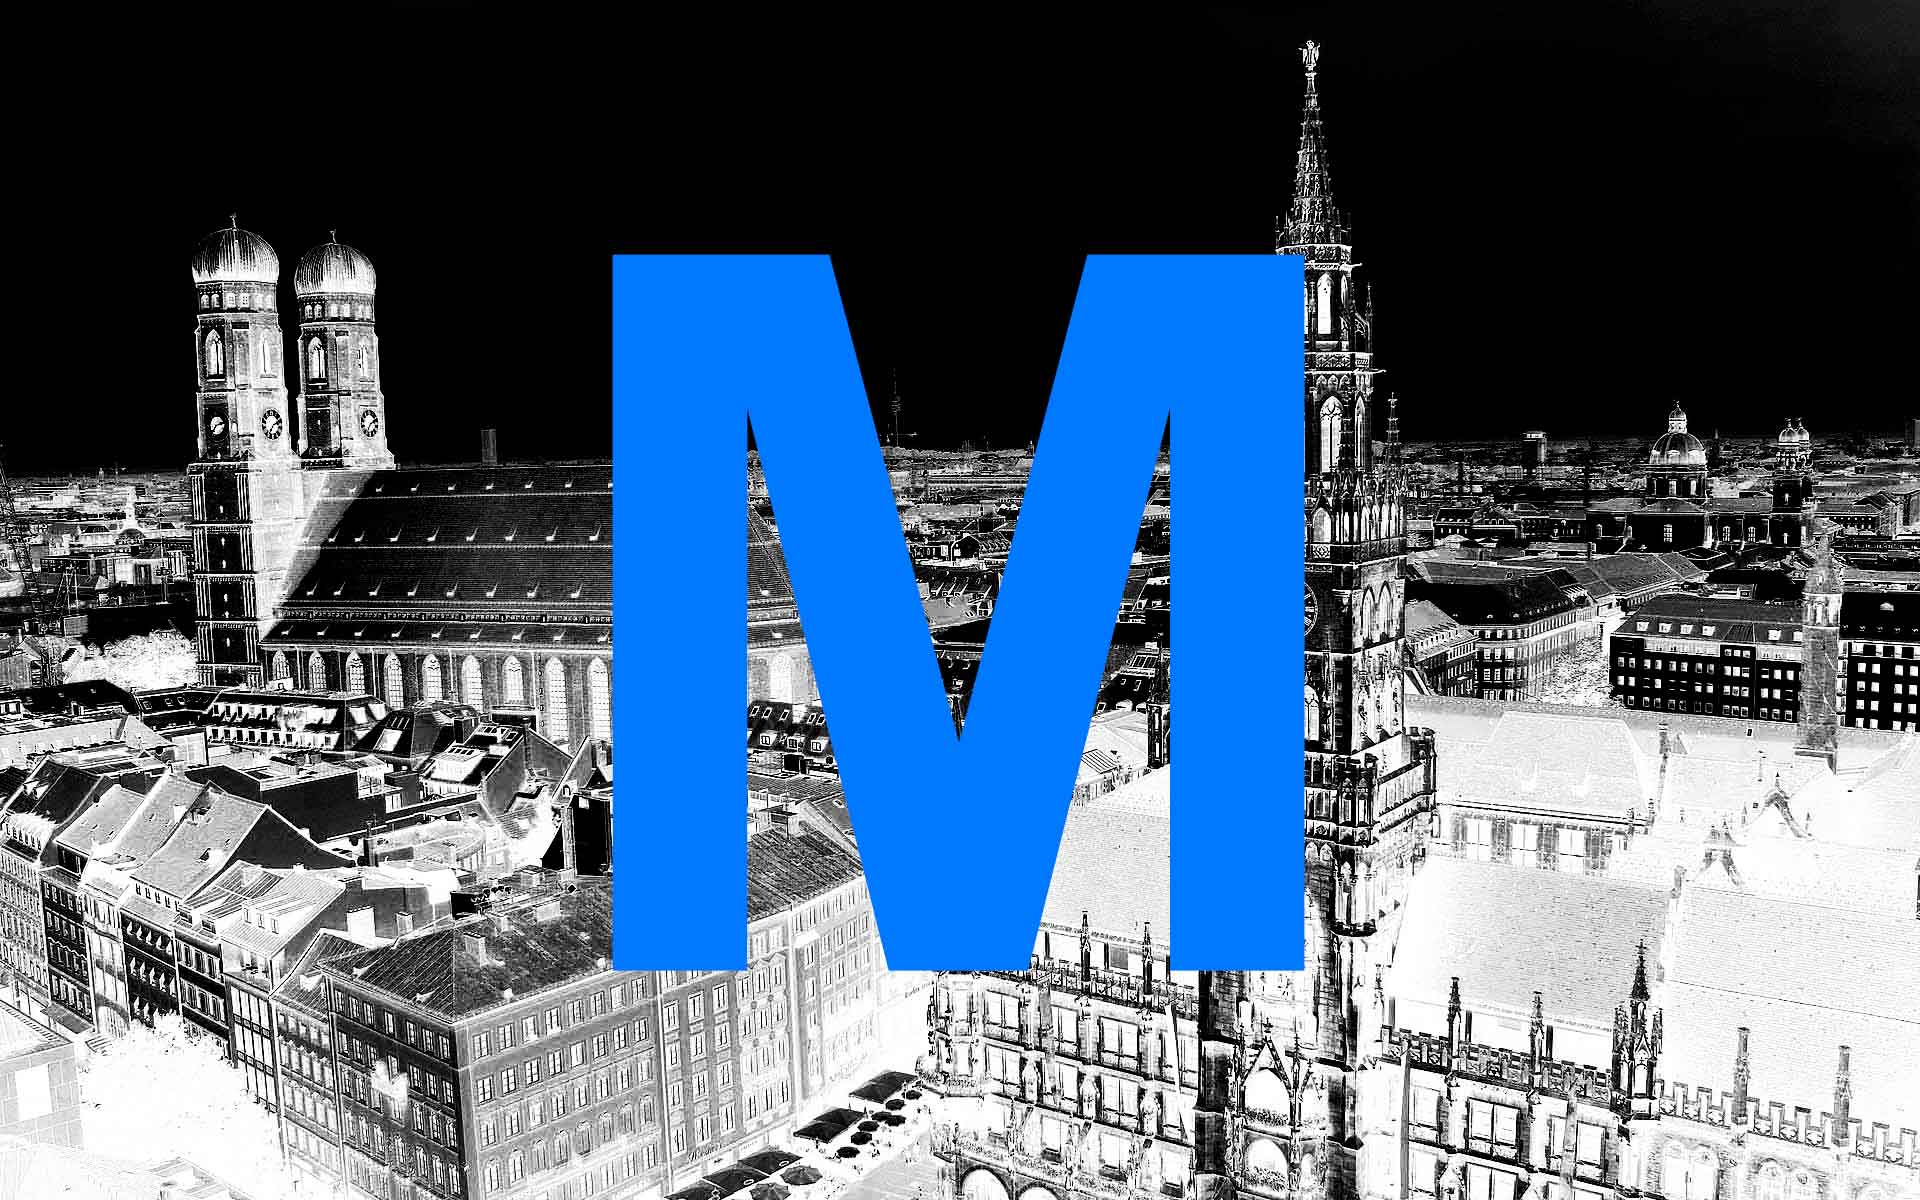 Ein Interview vonMargarete Morchémit dem Grafikdesigner und Typographen Wolfgang Beinert über die Münchner Designszene. Das Interview wurde Designmagazin novum 02.2006 (ISSN 1438-1753 B 3149)publiziert.